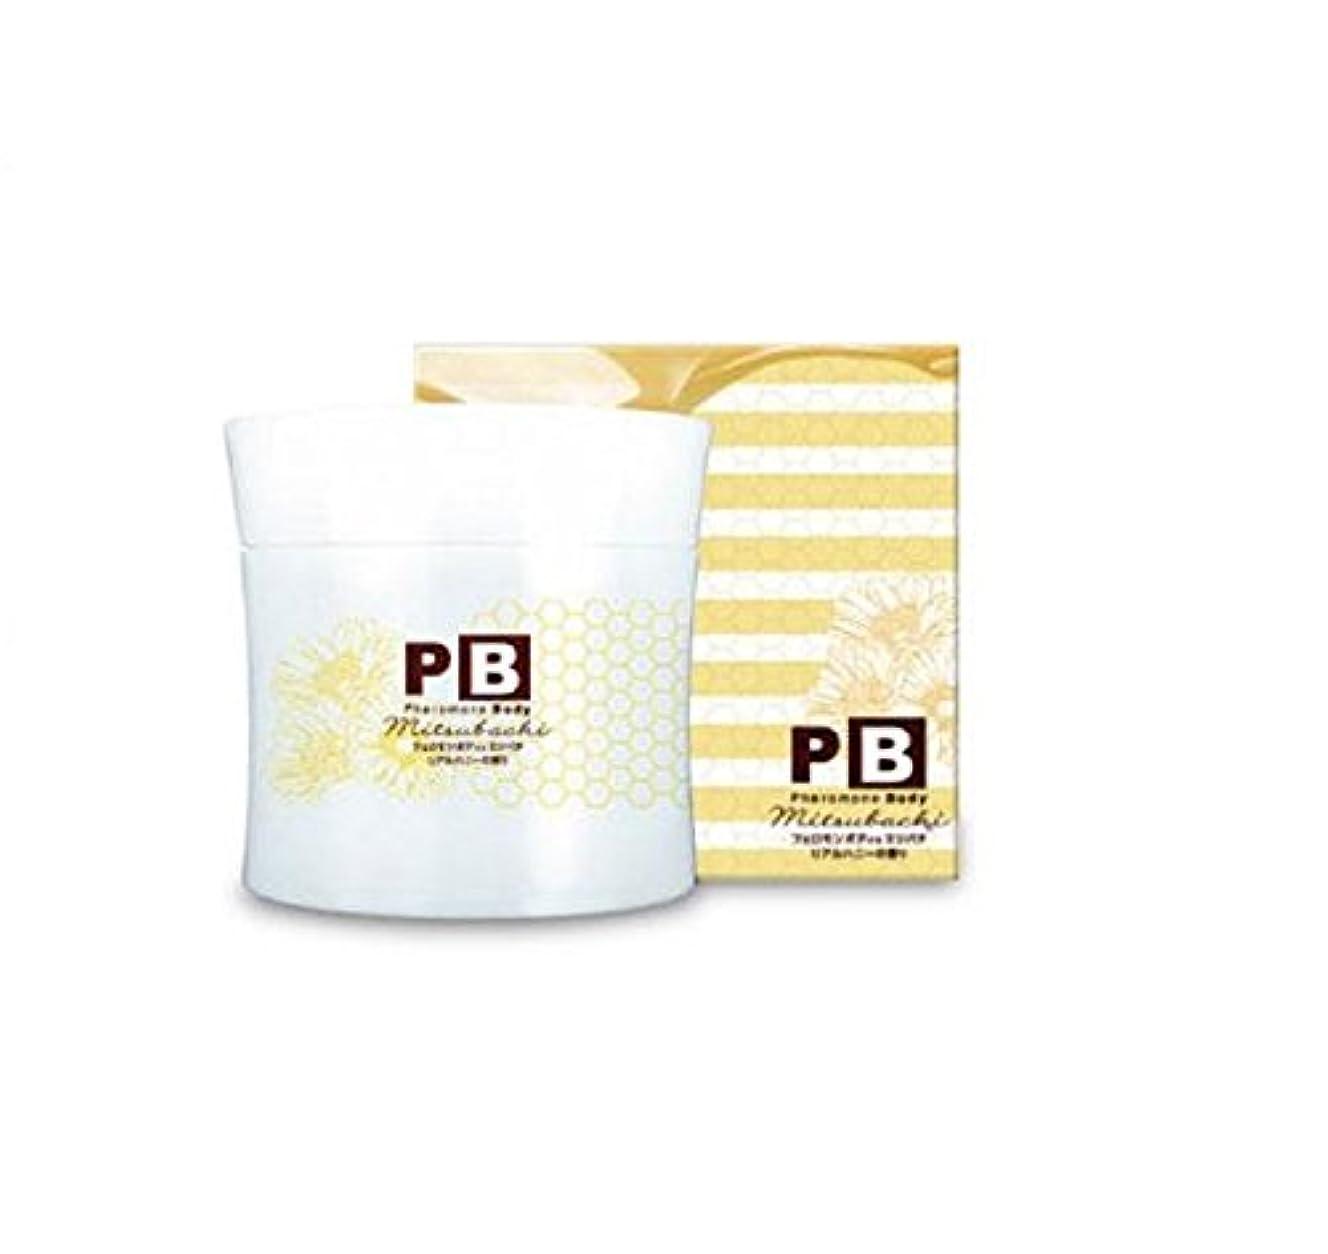 伝統的ブレスゴミ箱を空にするPheromone body(フェロモンボディ)® ミツバチ 500g